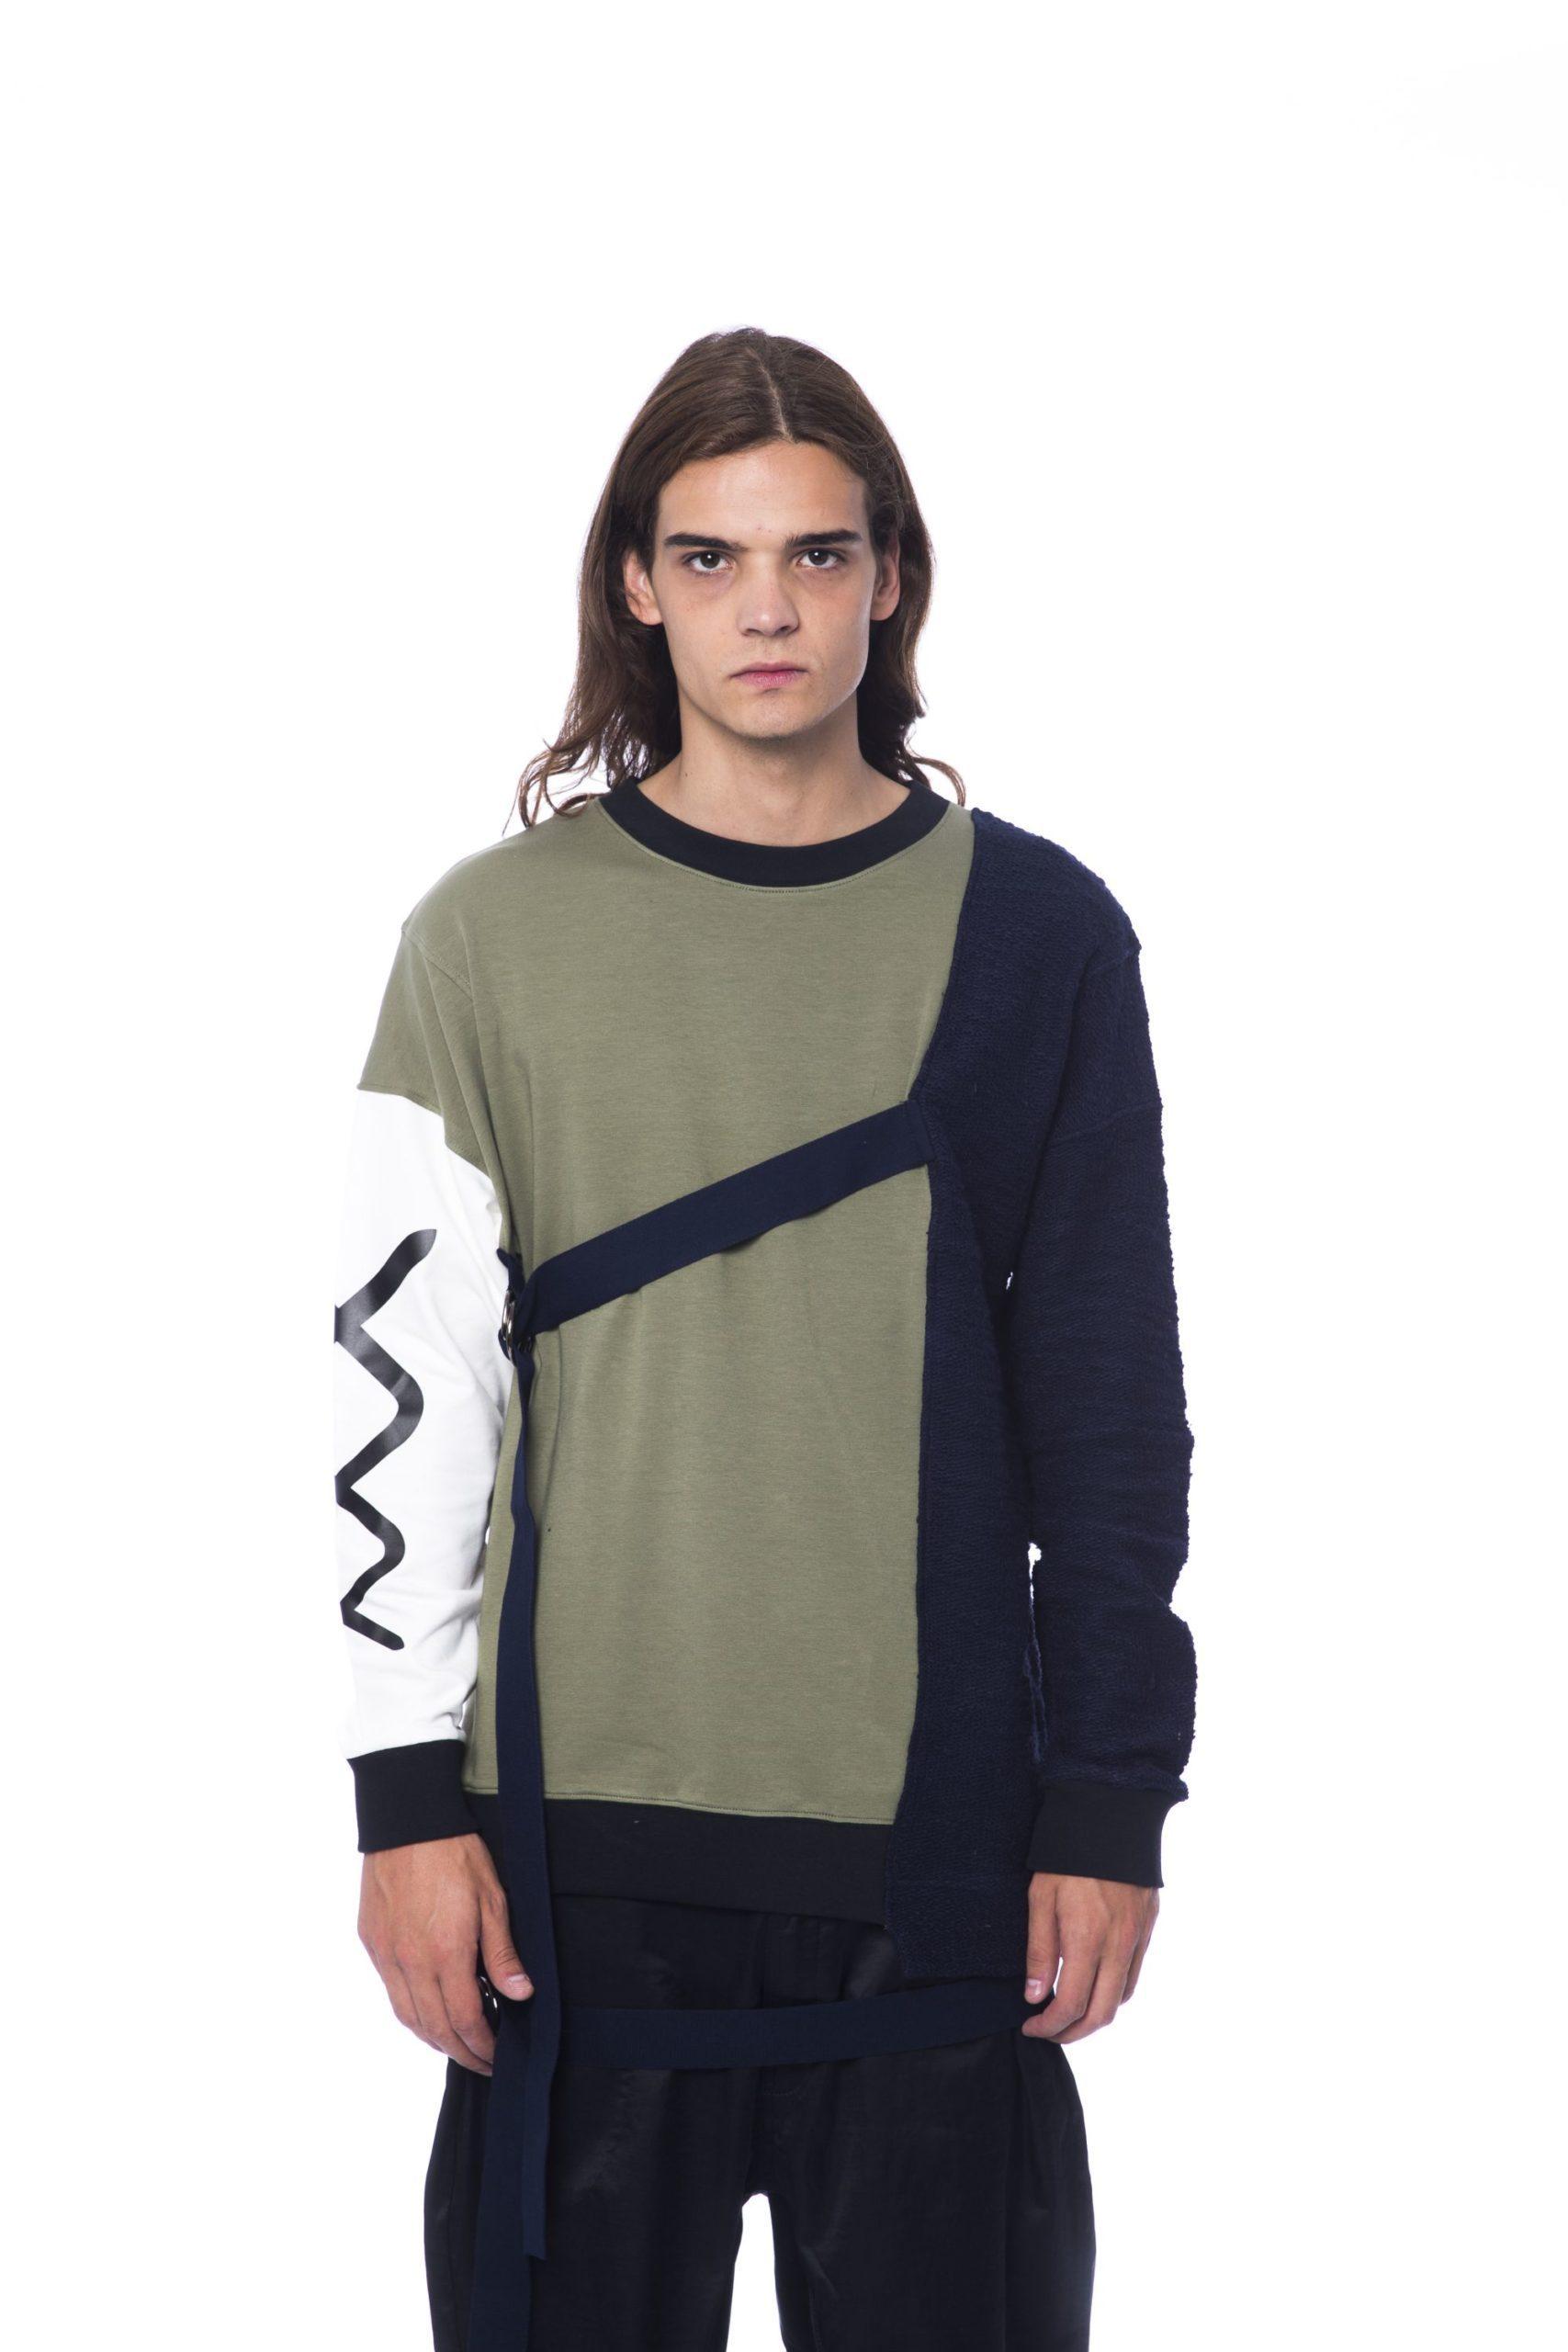 Nicolo Tonetto Men's Army Sweater Blue NI1273162 - L